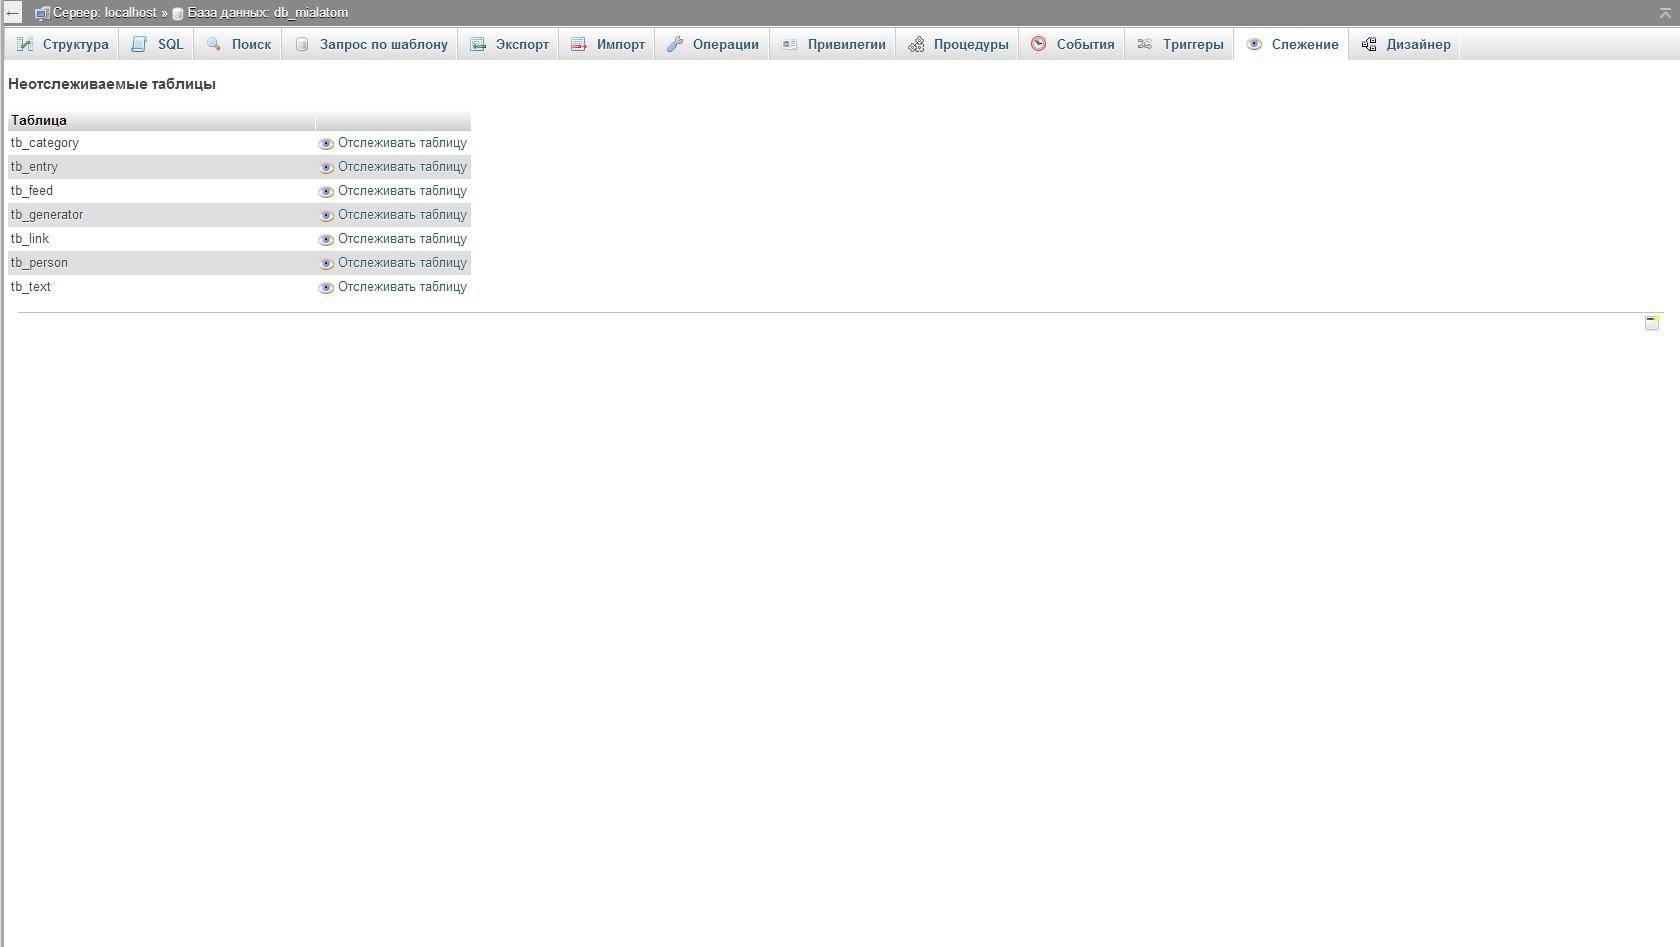 Дешевый веб хостинг 100 мегабайт готовые сервера для css source со скинами админа v34